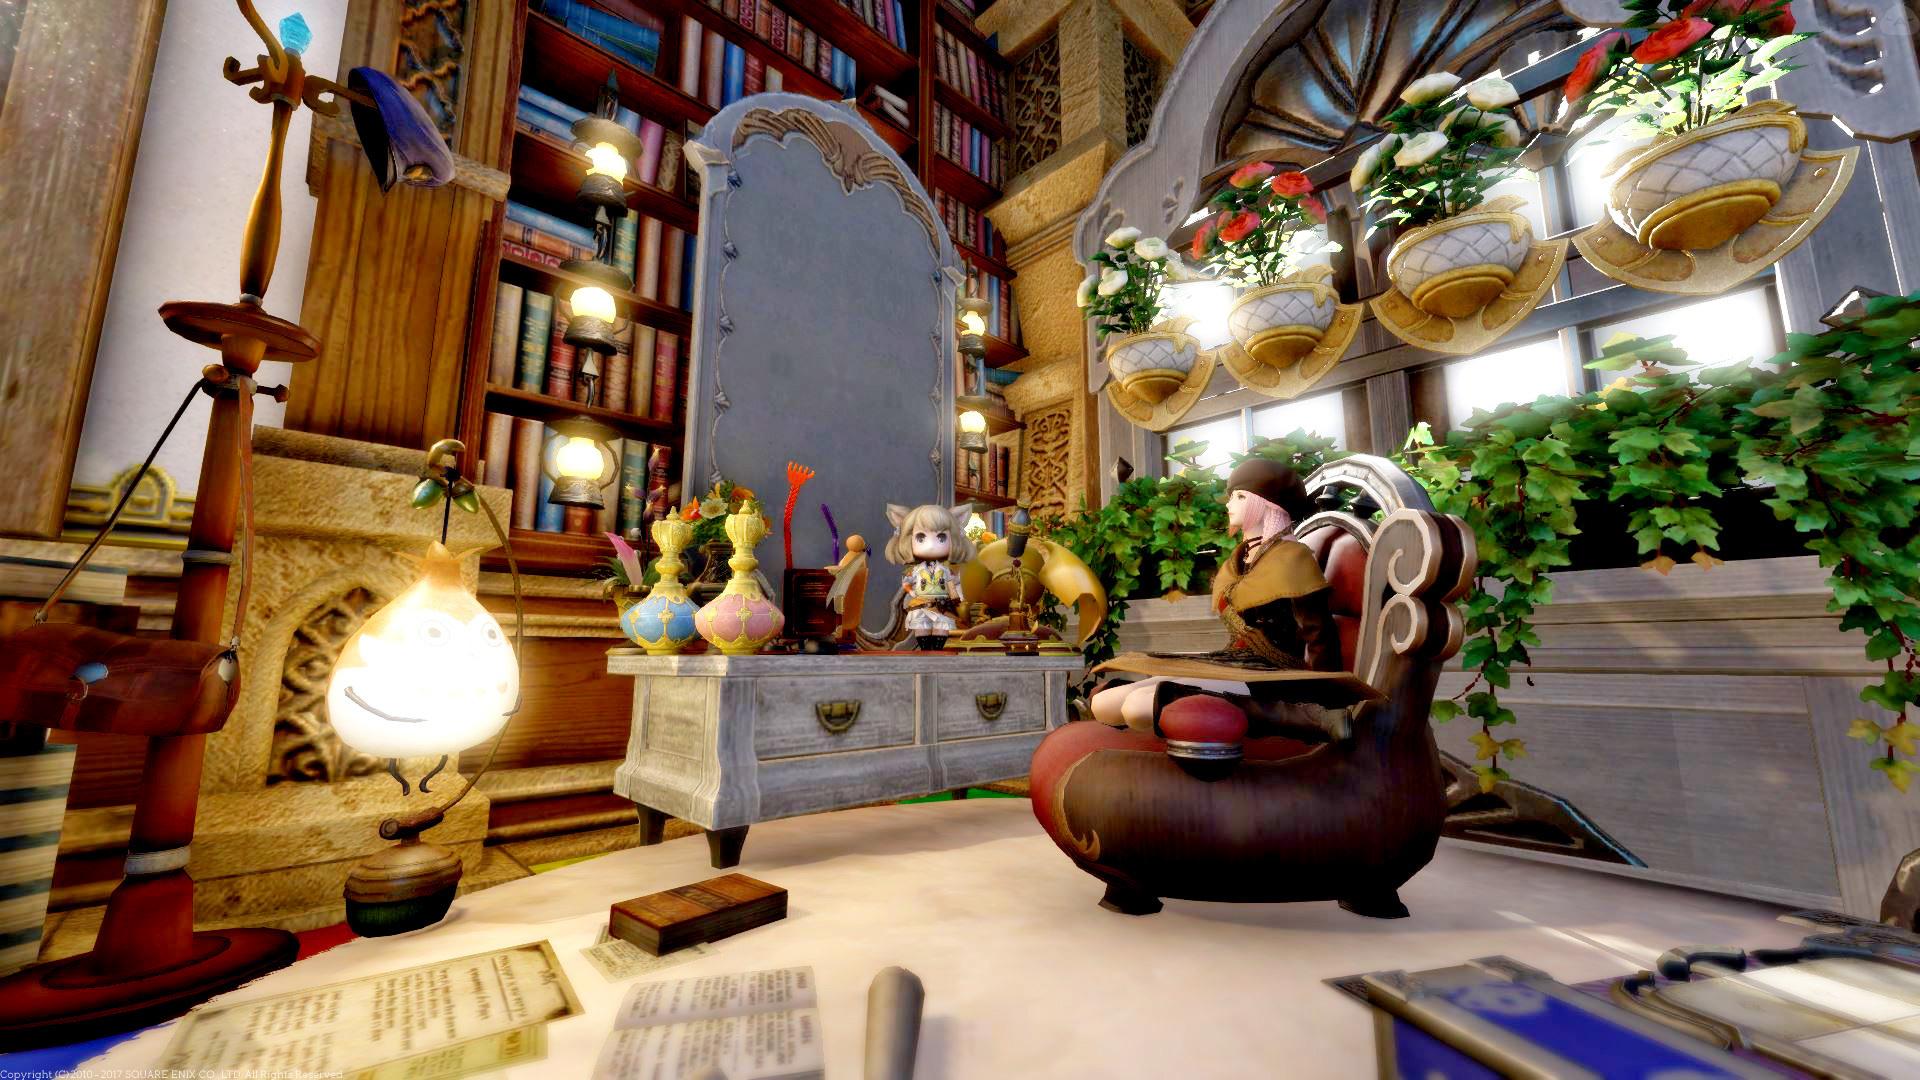 10 coole ideen wie leute ihre h user in final fantasy xiv dekorieren. Black Bedroom Furniture Sets. Home Design Ideas